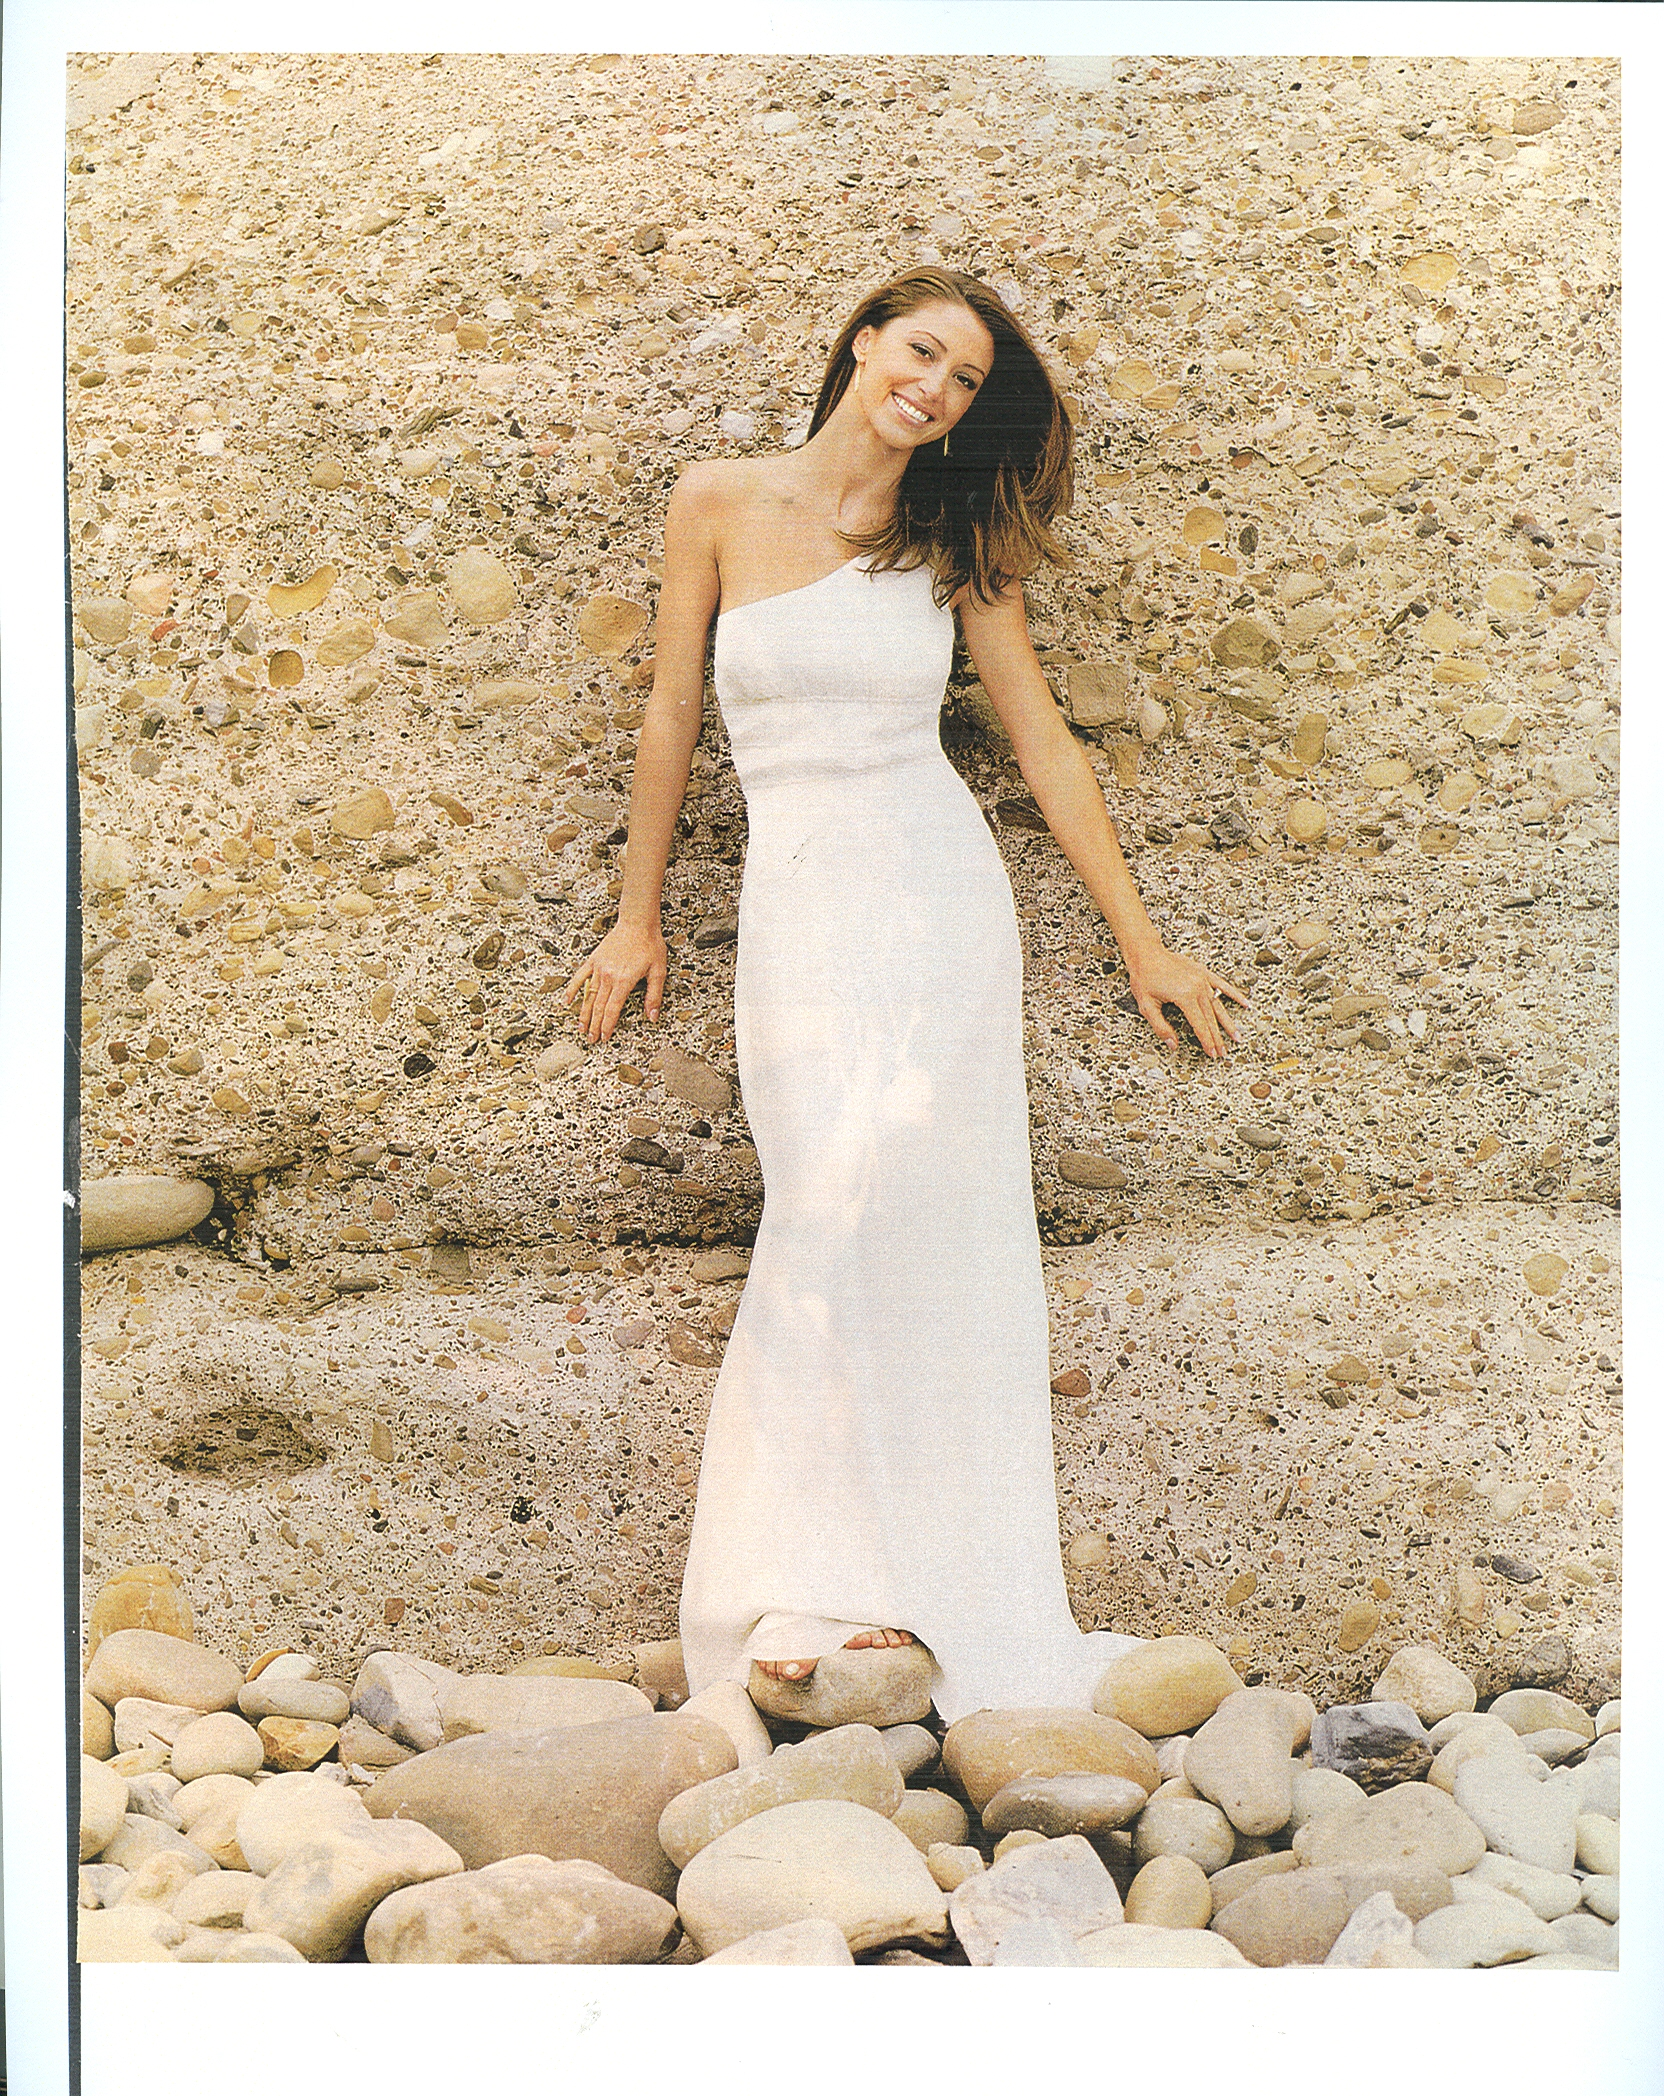 SE_InStyle Weddings_Summer 2002_5.jpg